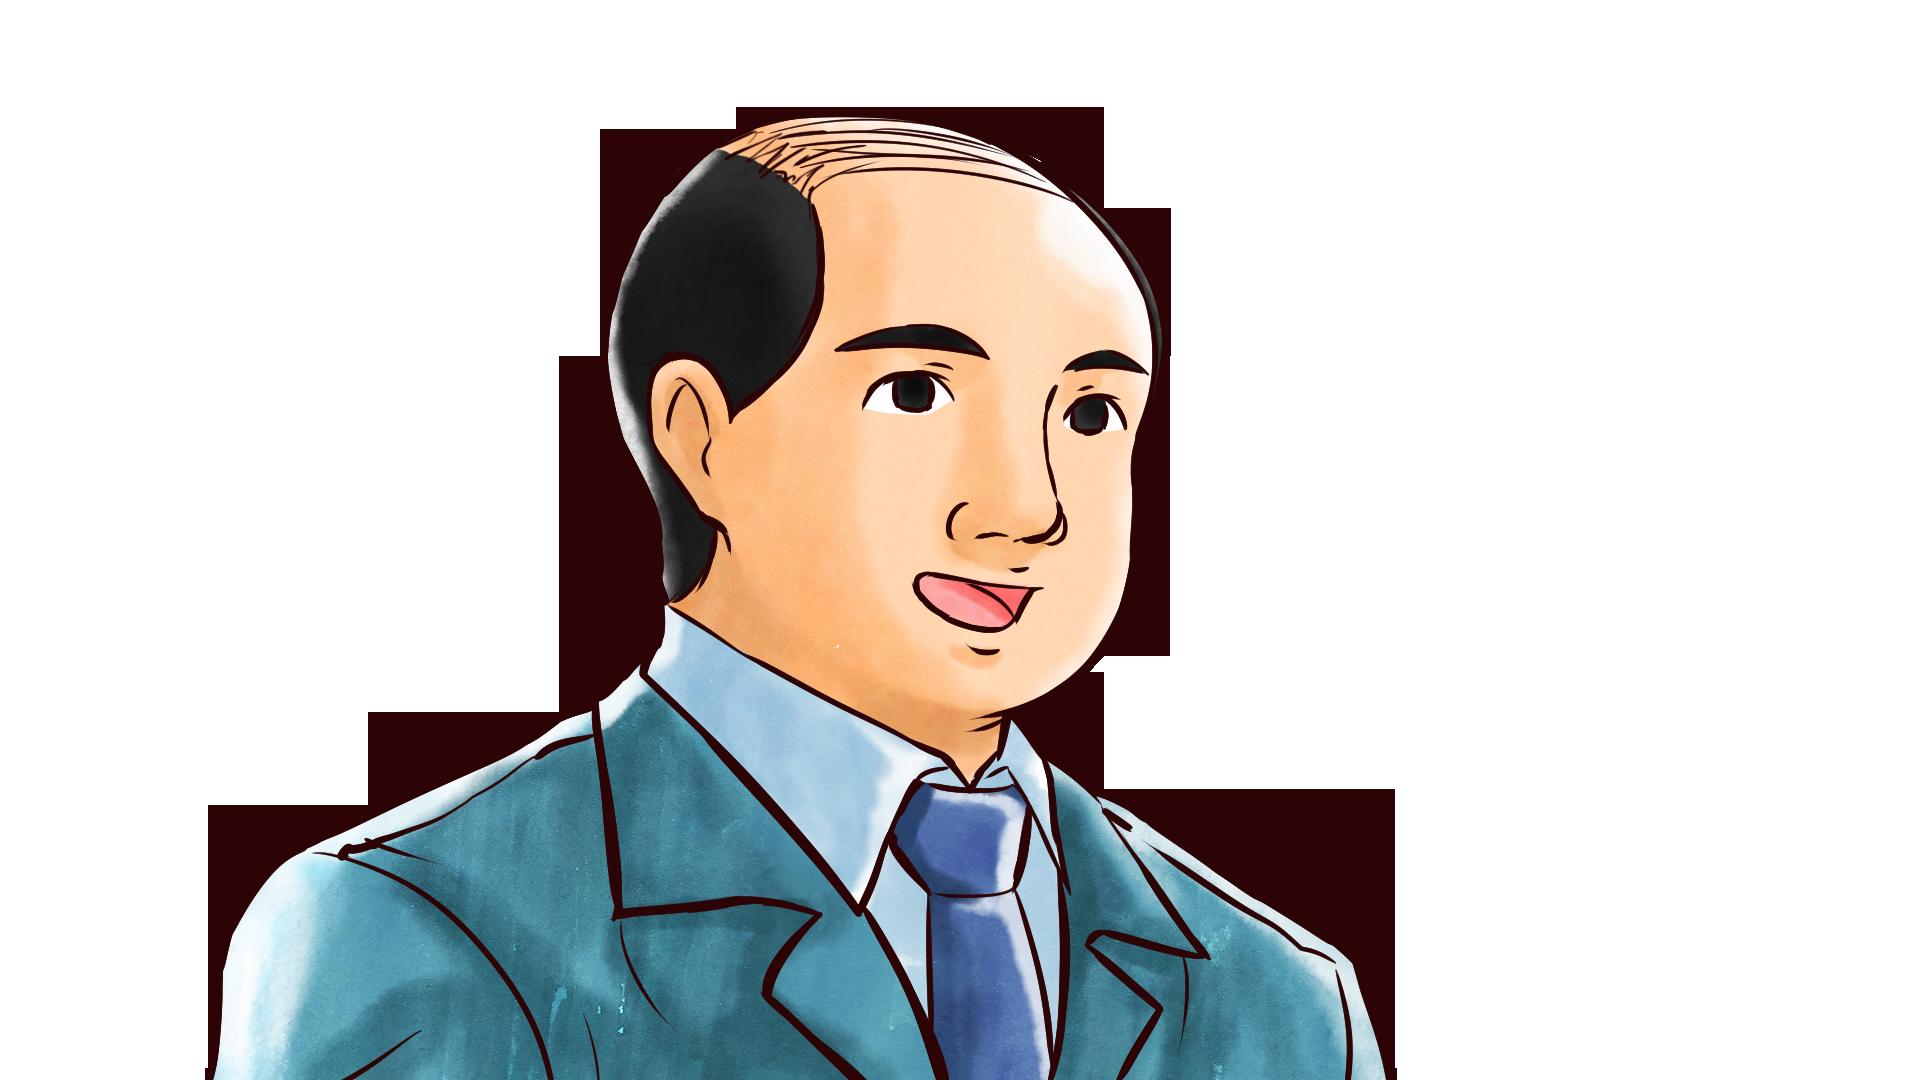 笑顔・喜びの表情を見せるスーツ姿のハゲたおじさんのフリーイラスト画像